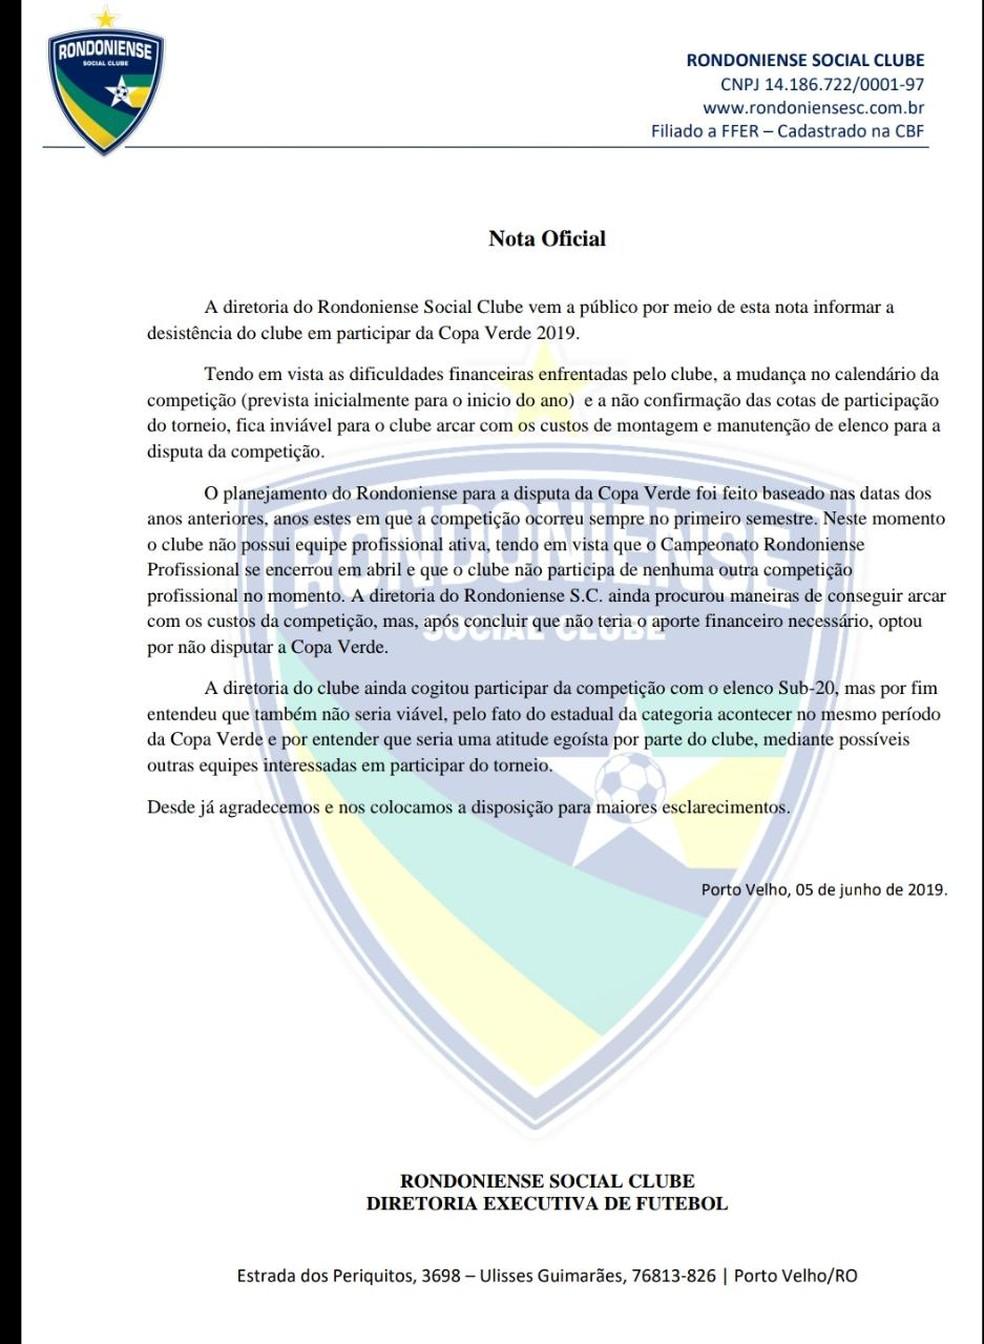 Nota oficial da desistência do Rondoniense na Copa Verde 2019 — Foto: Divulgação/Rondoniense Social Clube